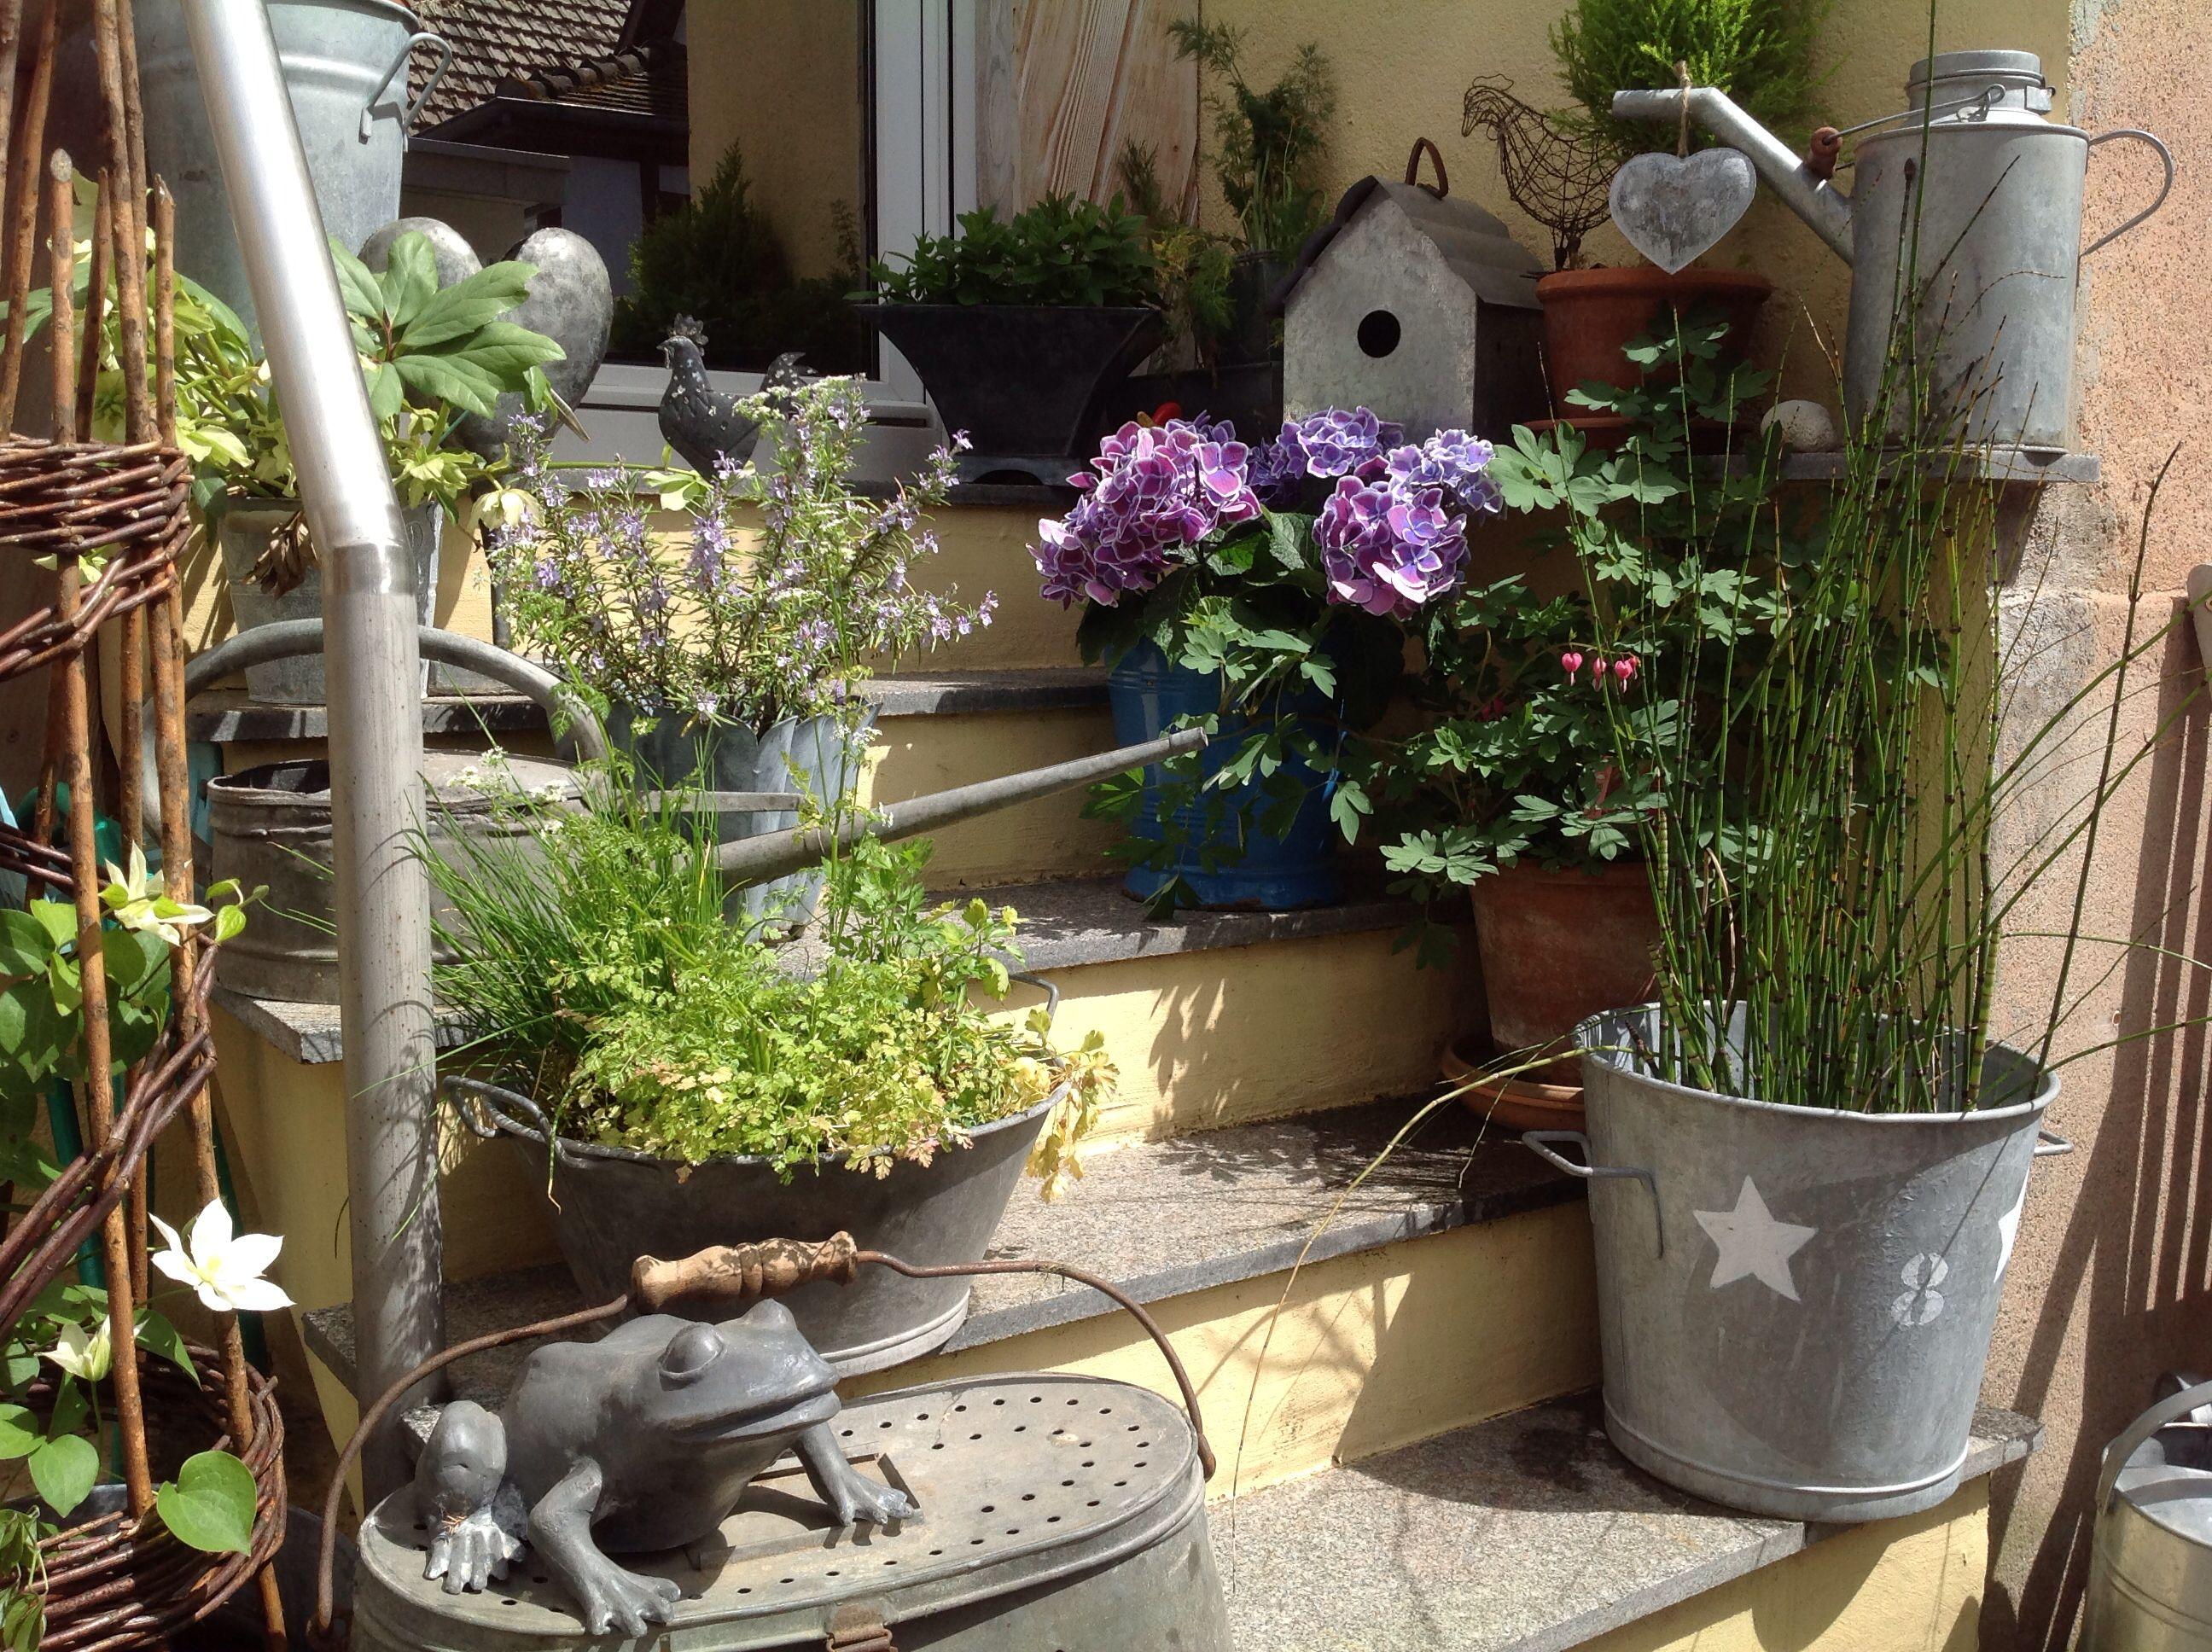 Zincs au jardin jardim vertical jardins idee deco jardin d co jardin - Baraque de jardin ...